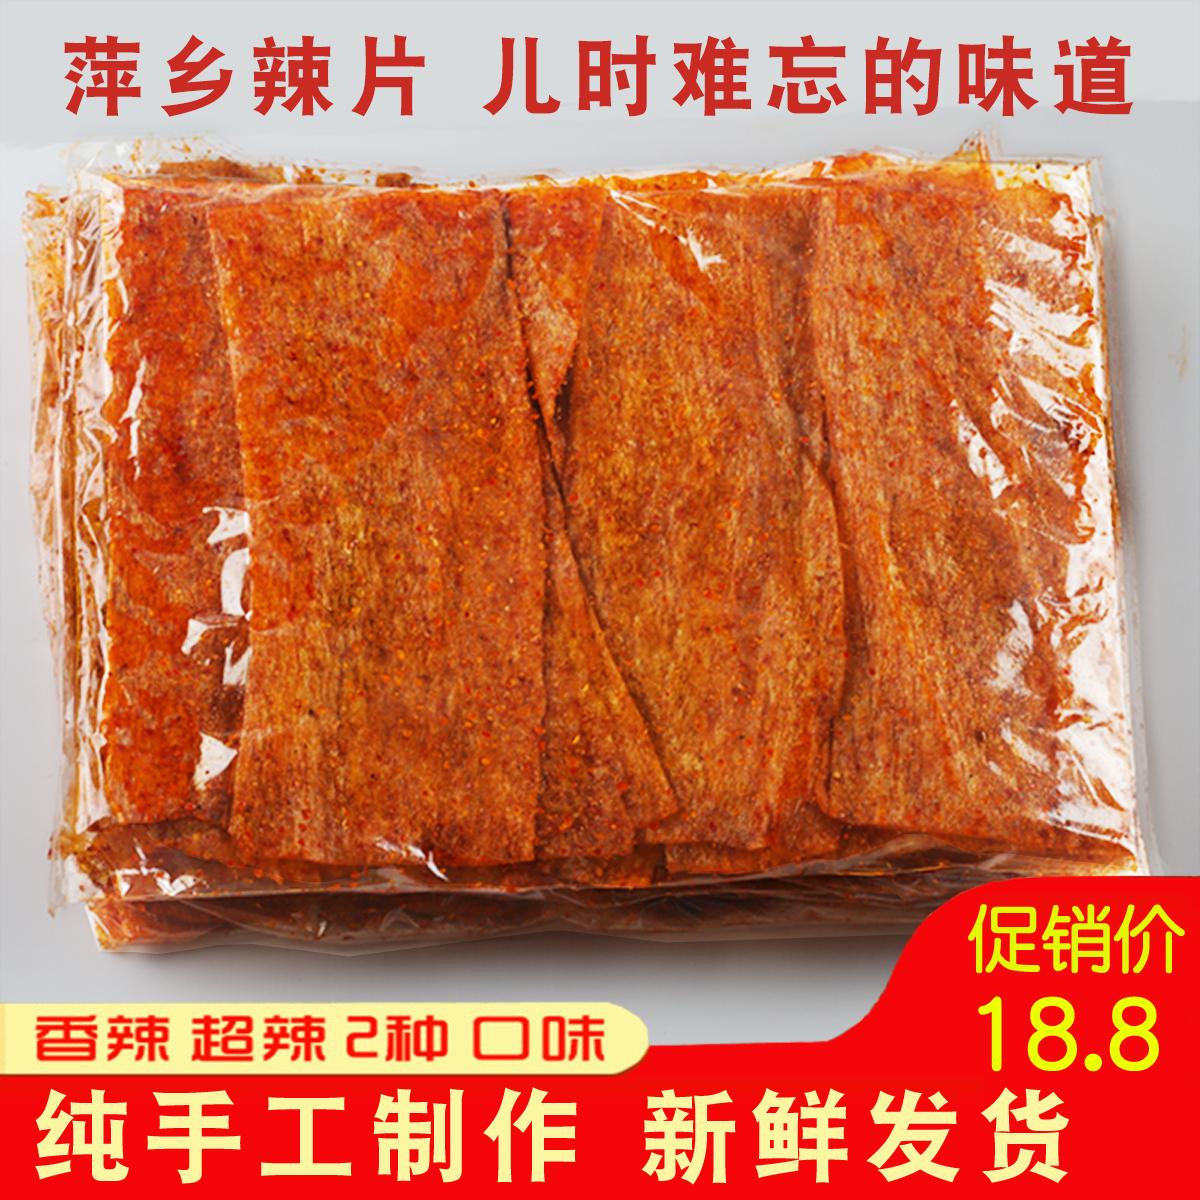 江西特产萍乡豆皮麻辣经典手撕大辣片香辣味辣条80后儿时怀旧零食